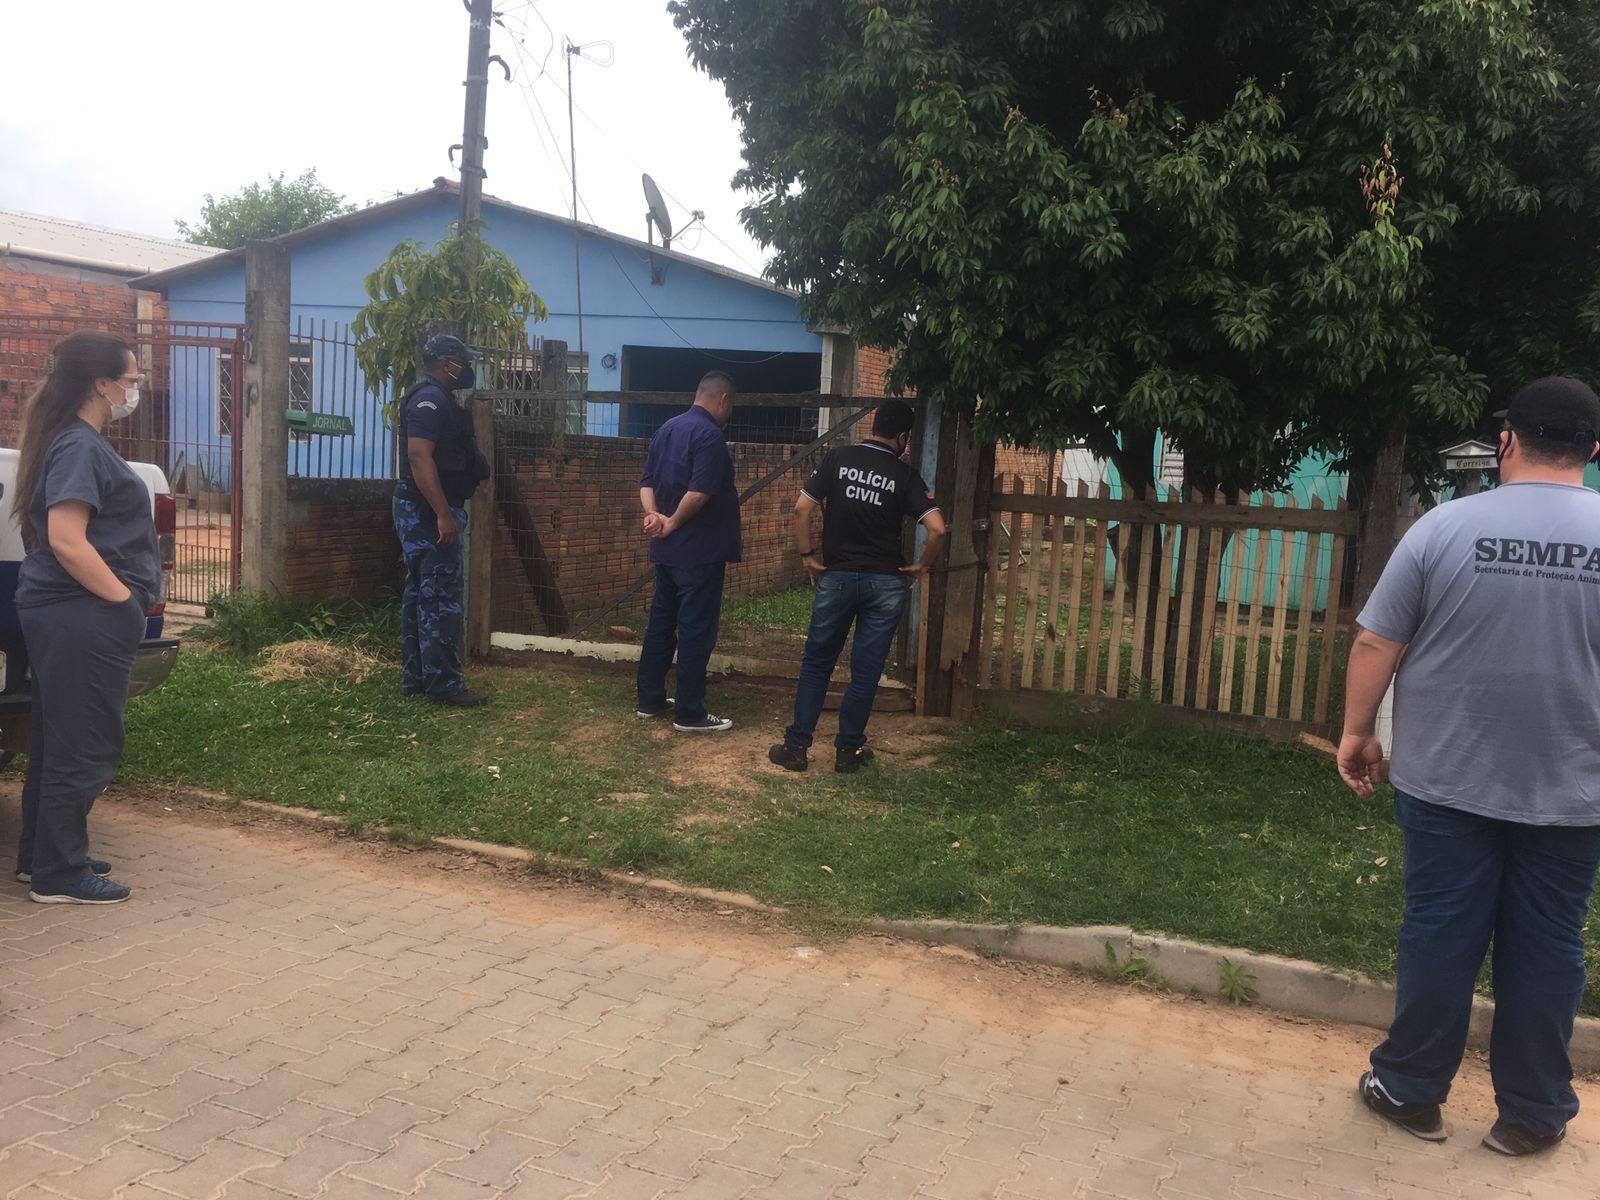 Mulher é detida por suspeita de enforcar cachorro com fio em São Leopoldo, diz Guarda Municipal